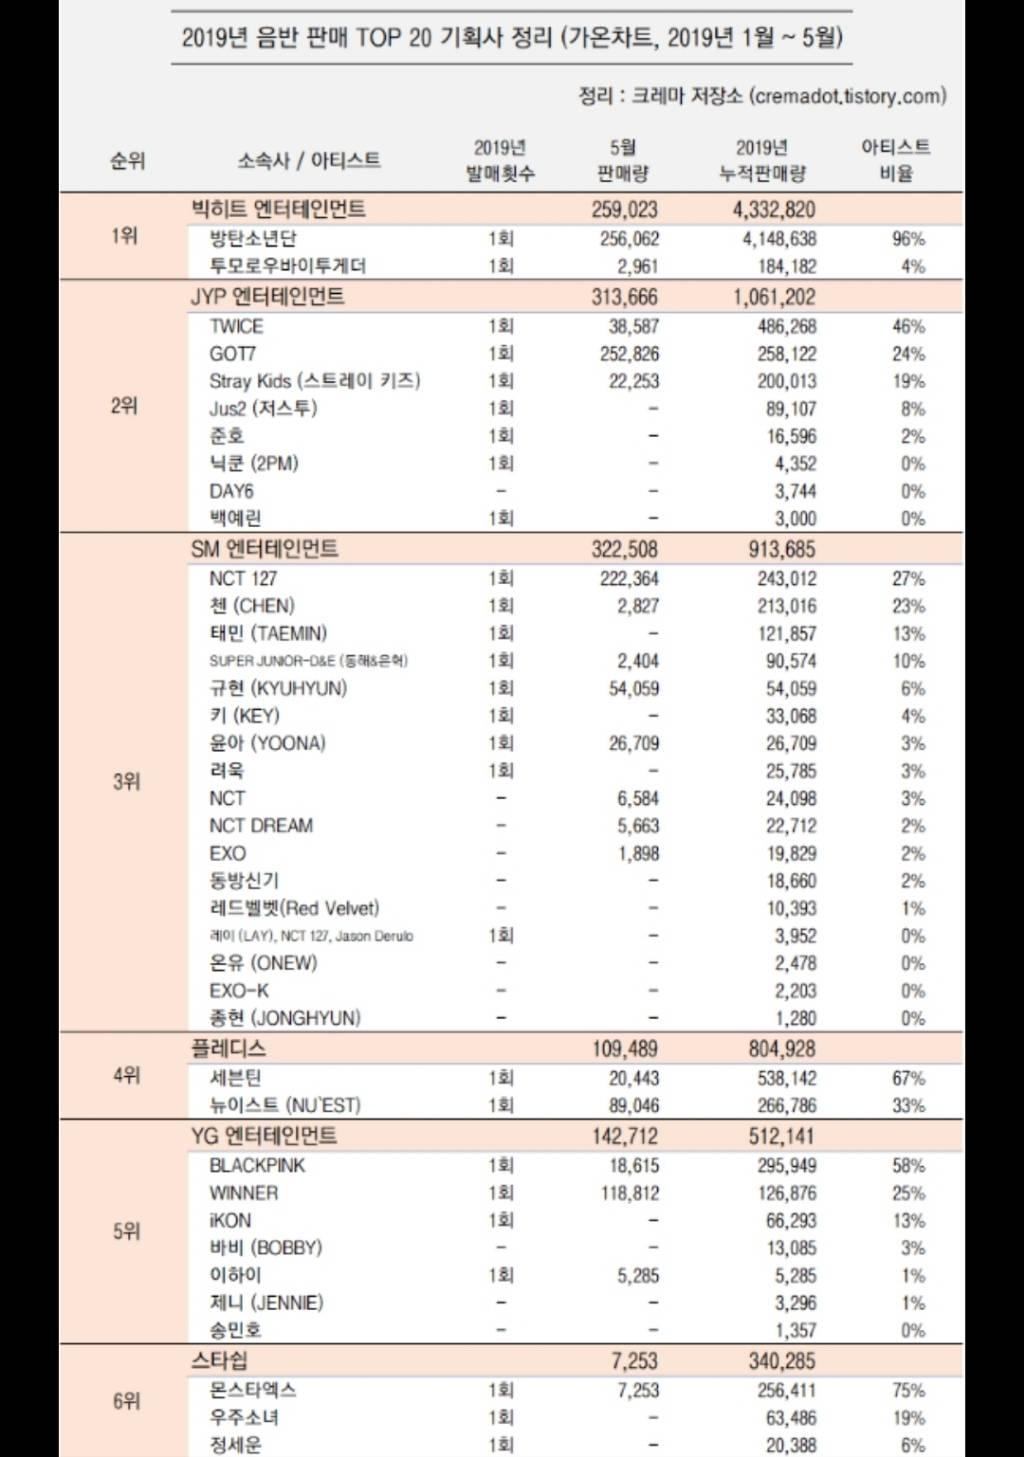 2019 음반 판매 TOP20 기획사별 정리   인스티즈